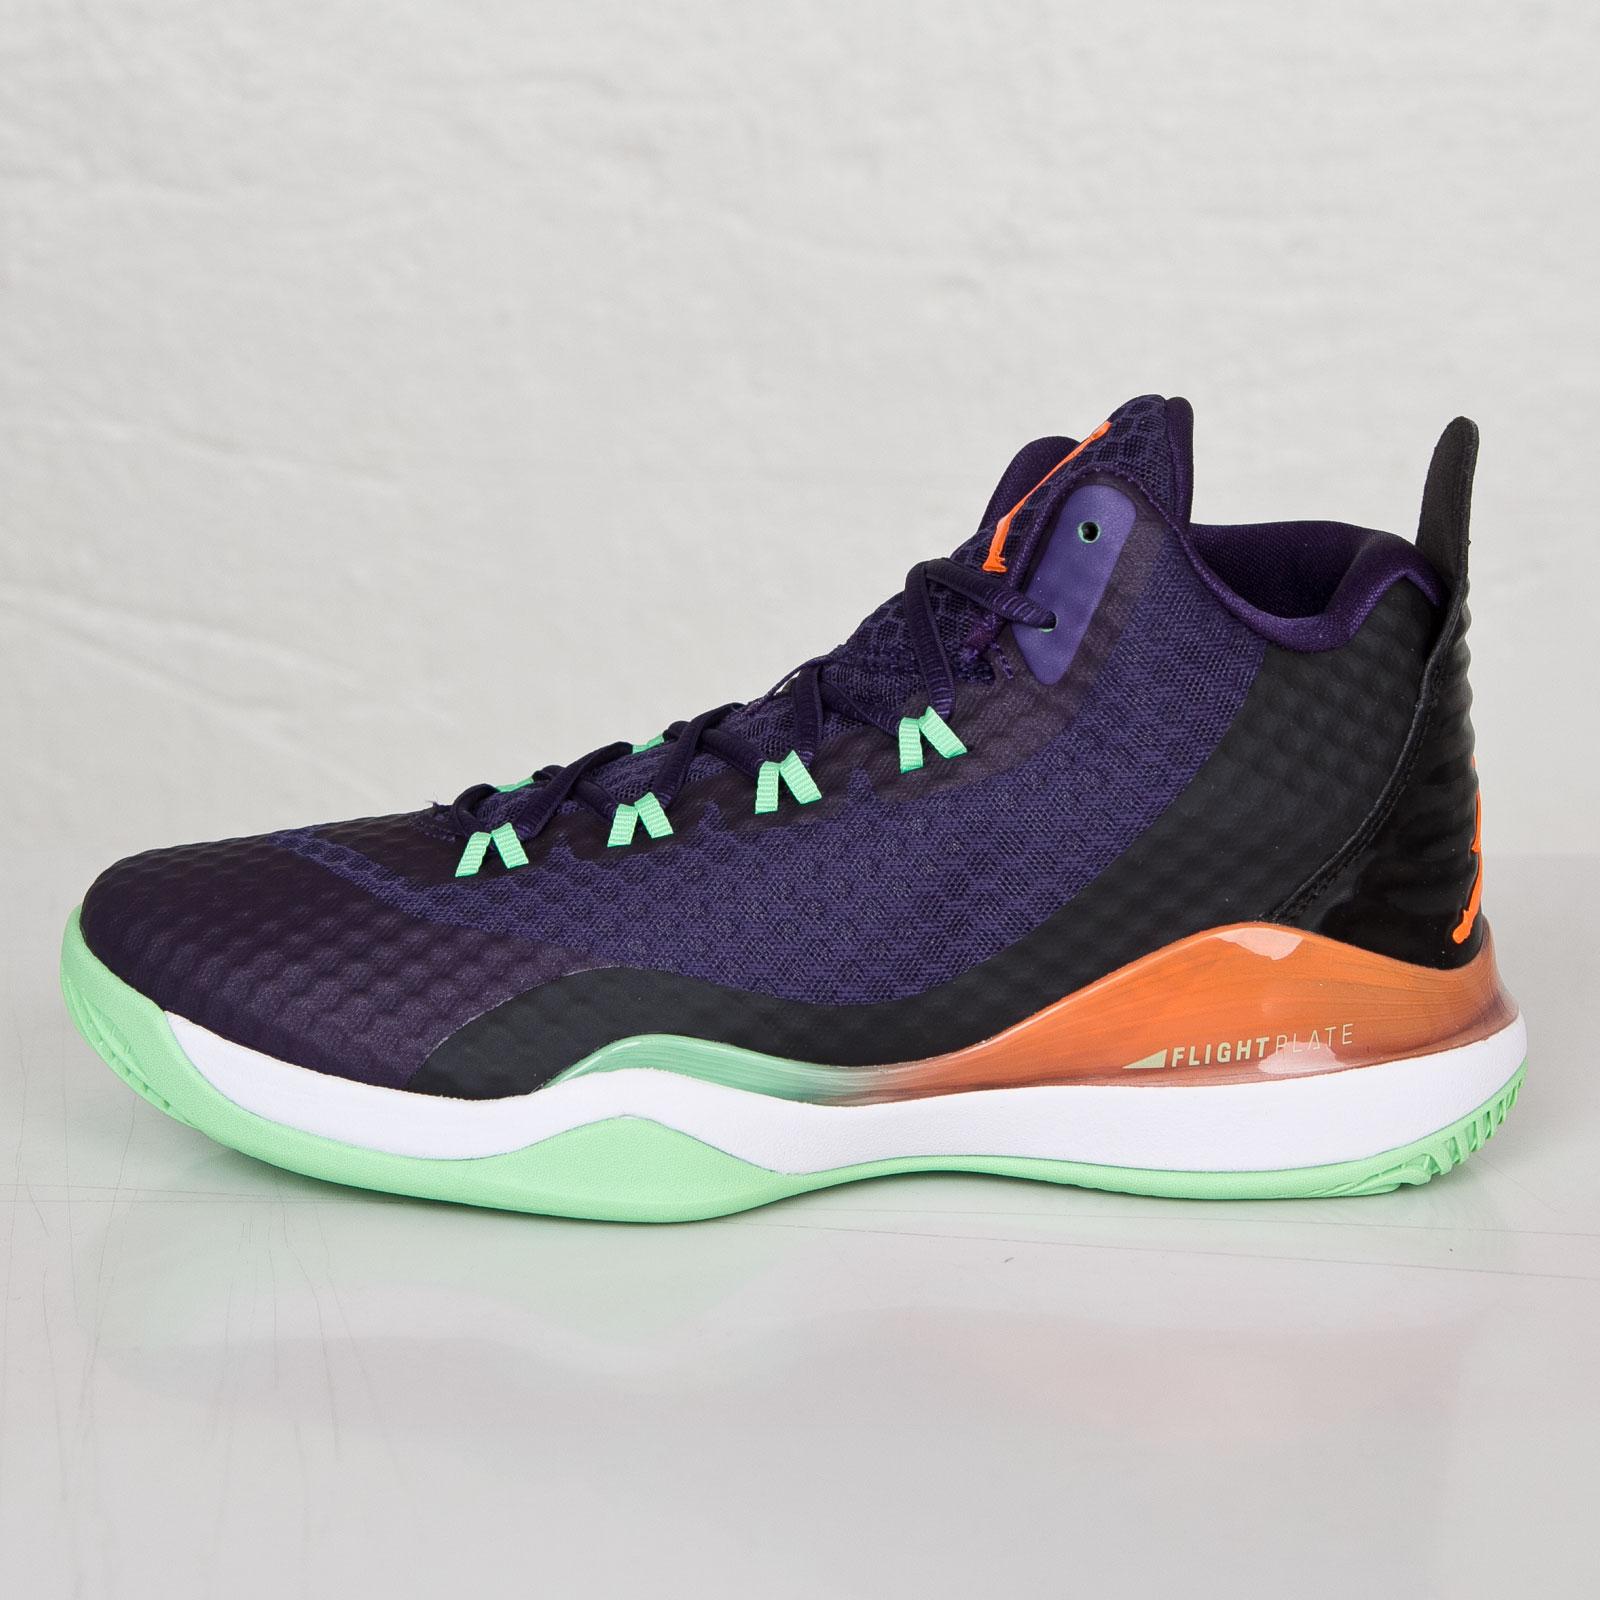 outlet store a6bde 533d3 Jordan Brand Jordan Superfly 3 PO - 724934-505 - Sneakersnstuff   sneakers    streetwear online since 1999